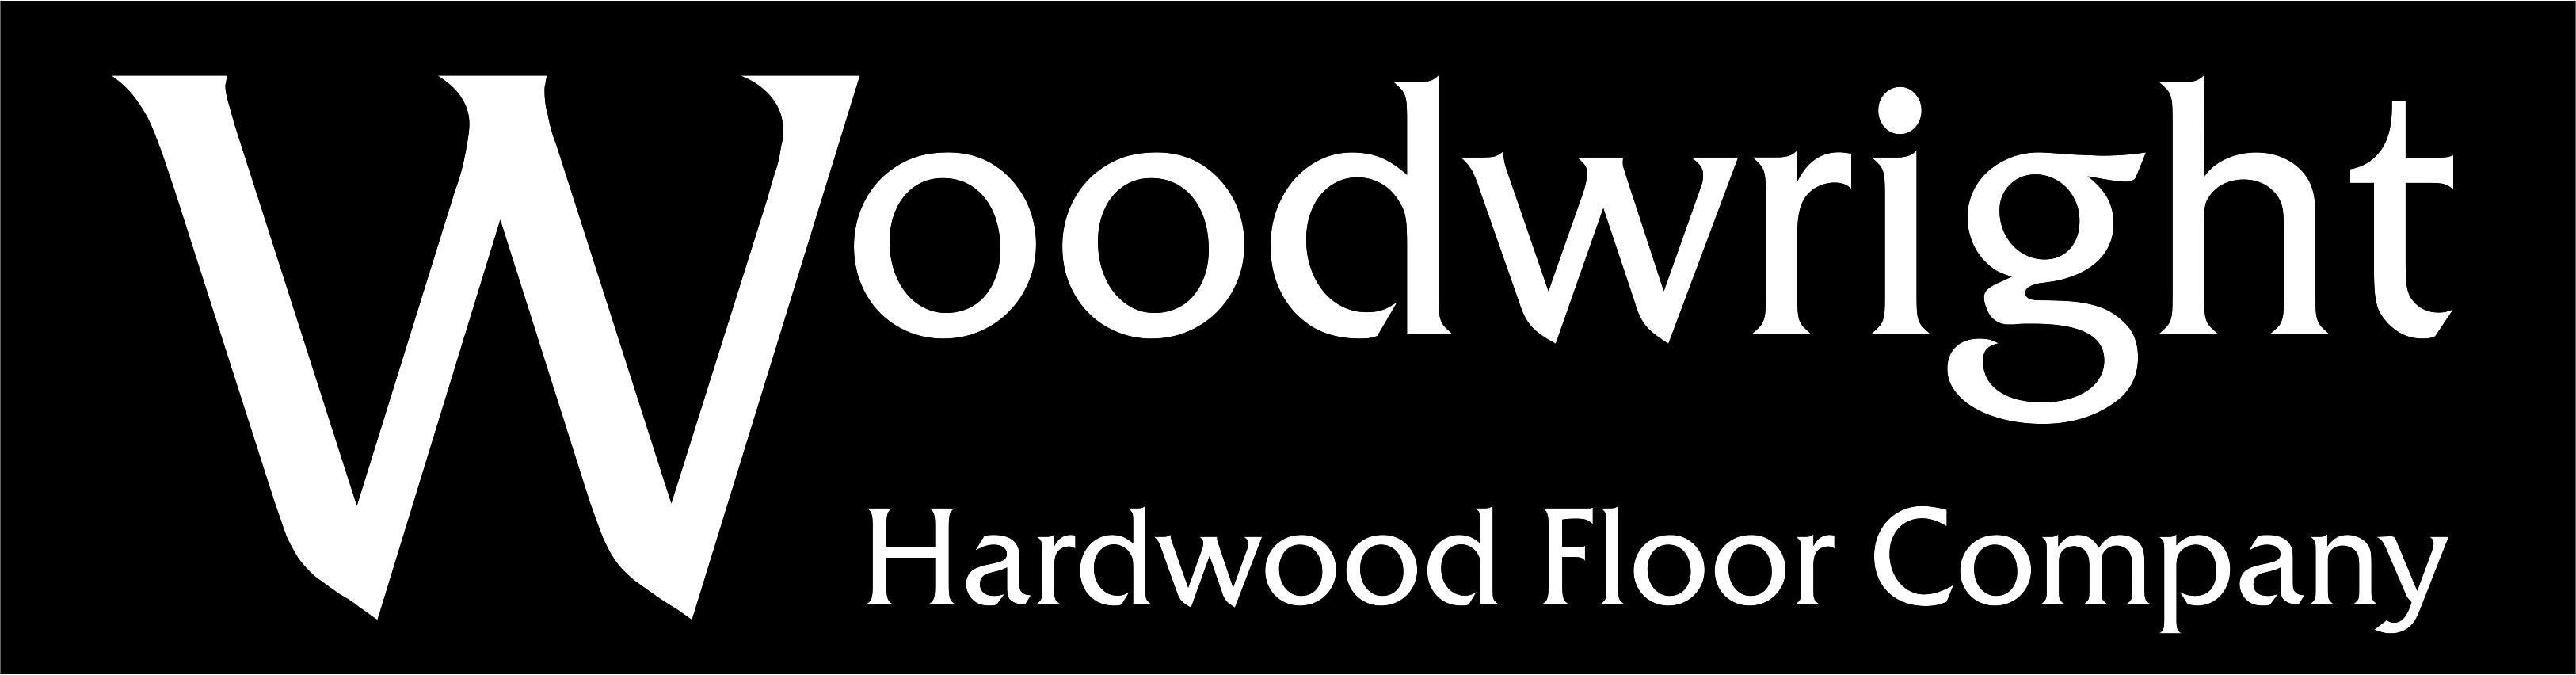 Materials Matter - Woodwright logo